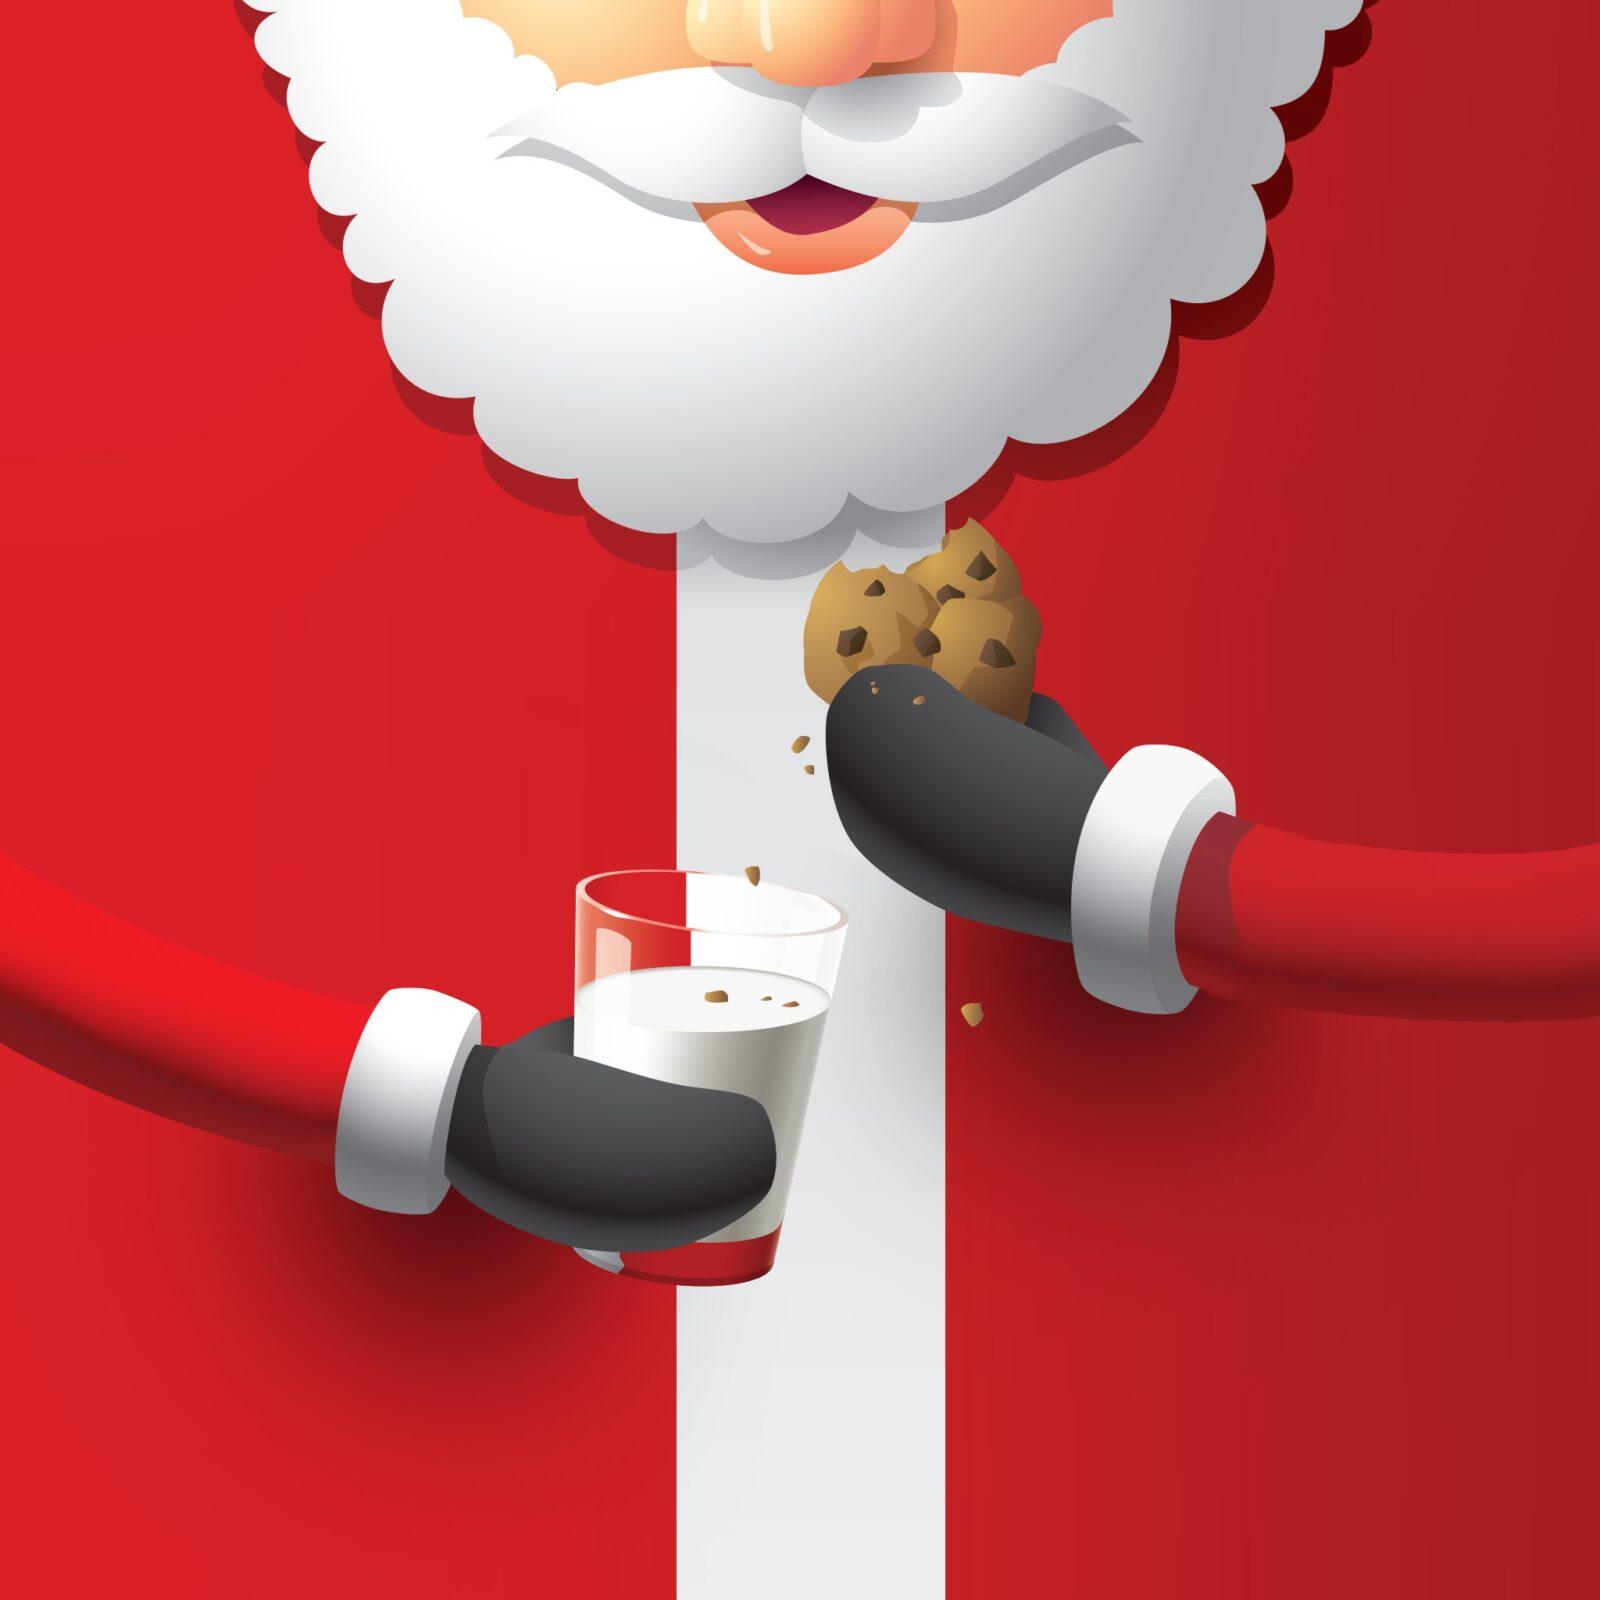 Sfondi Natalizi Apple.Sfondi Buon Natale Ipad 3 4 Retina Display Wallpapers Capodanno 2012